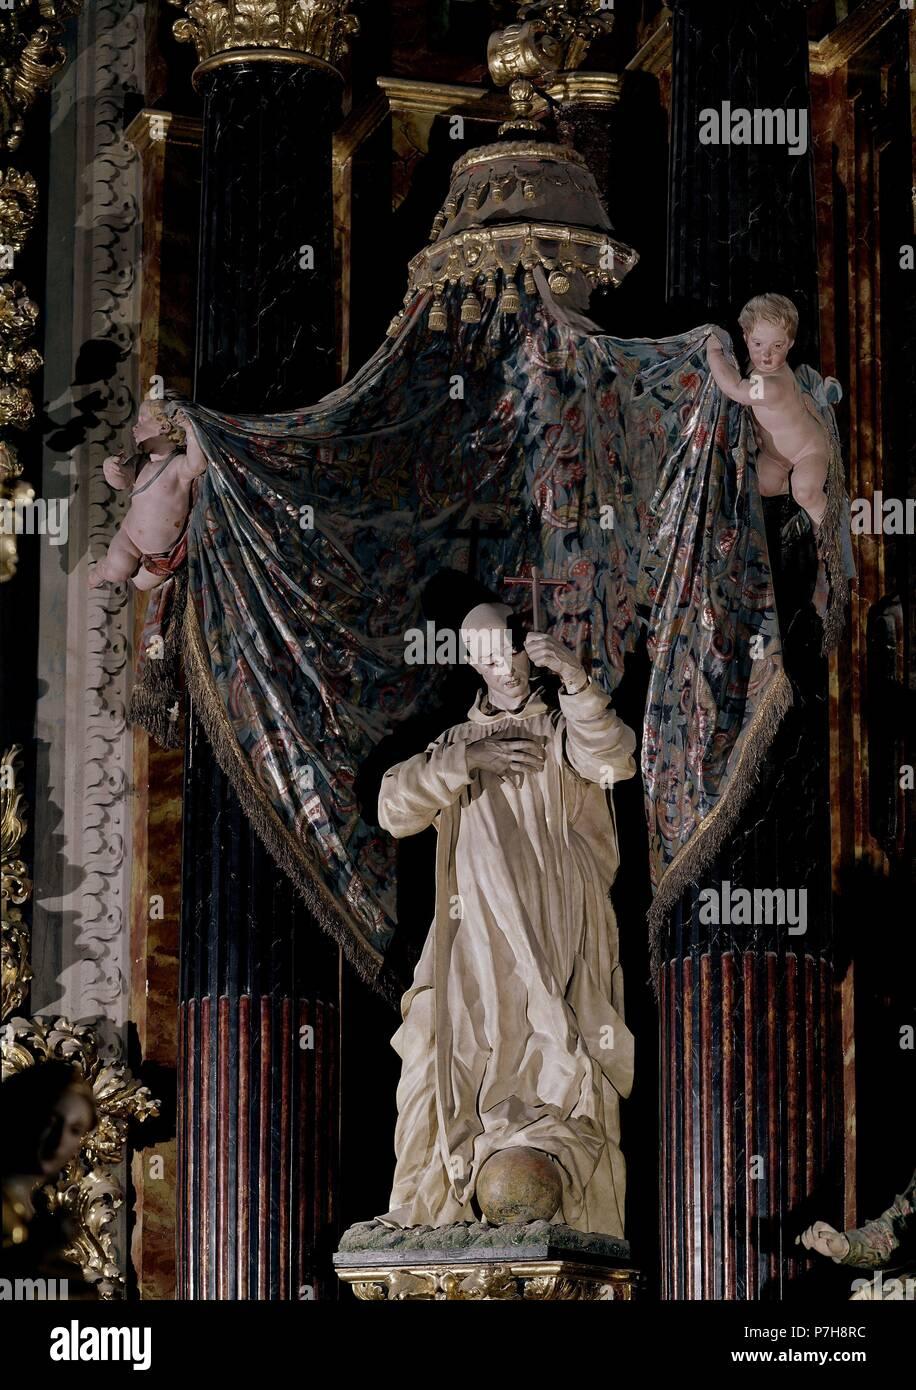 SAN BRUNO. Author: José de Mora (c. 1642-1724). Location: CARTUJA, GRANADA, SPAIN. Stock Photo